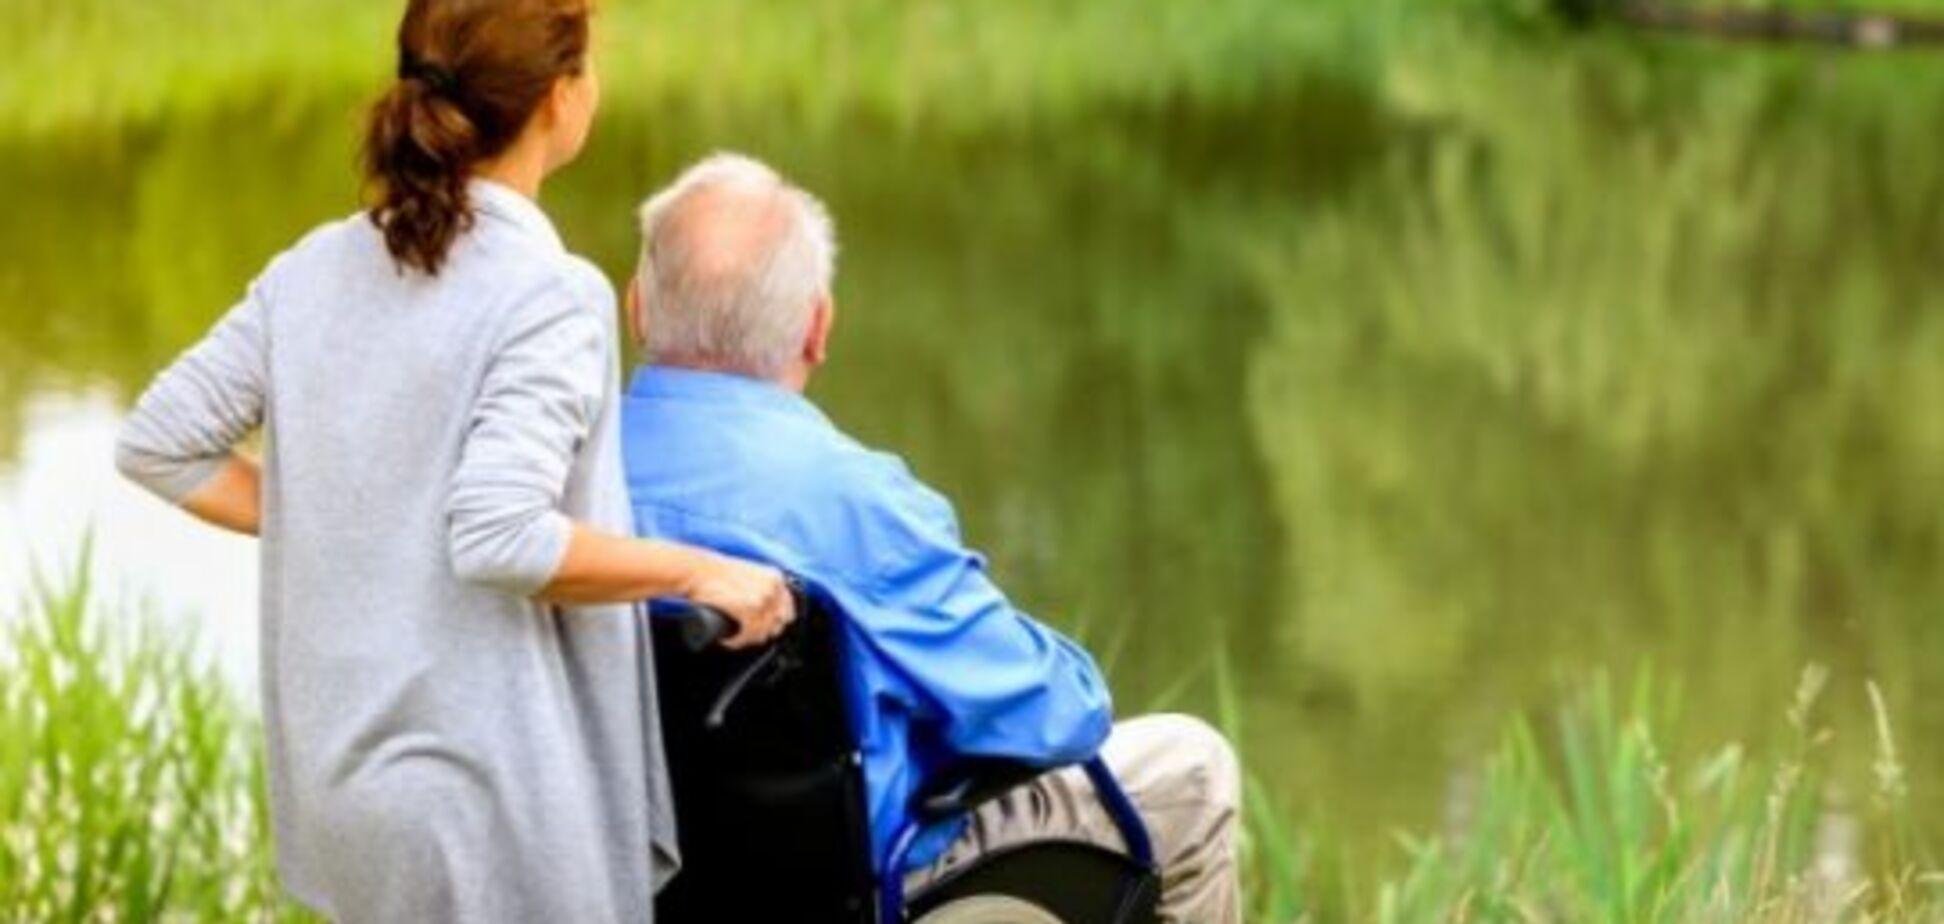 Чи зобов'язані діти утримувати батьків-пенсіонерів